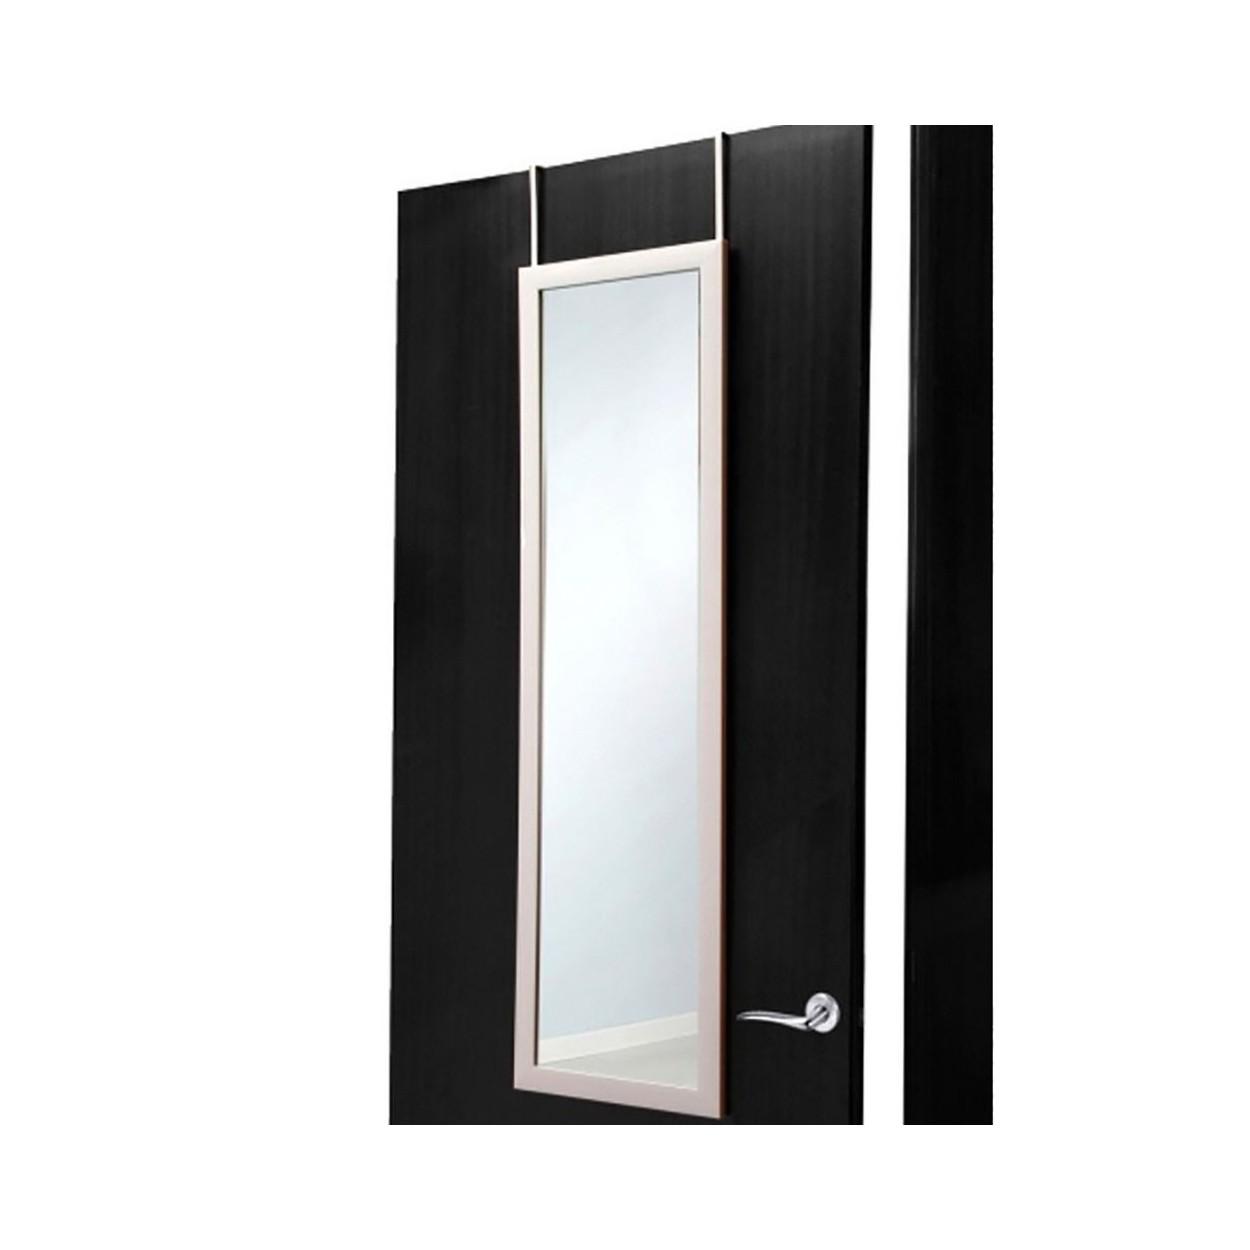 Espejo para puerta blanco sin agujeros hogar y m s for Perchas para puertas sin agujeros